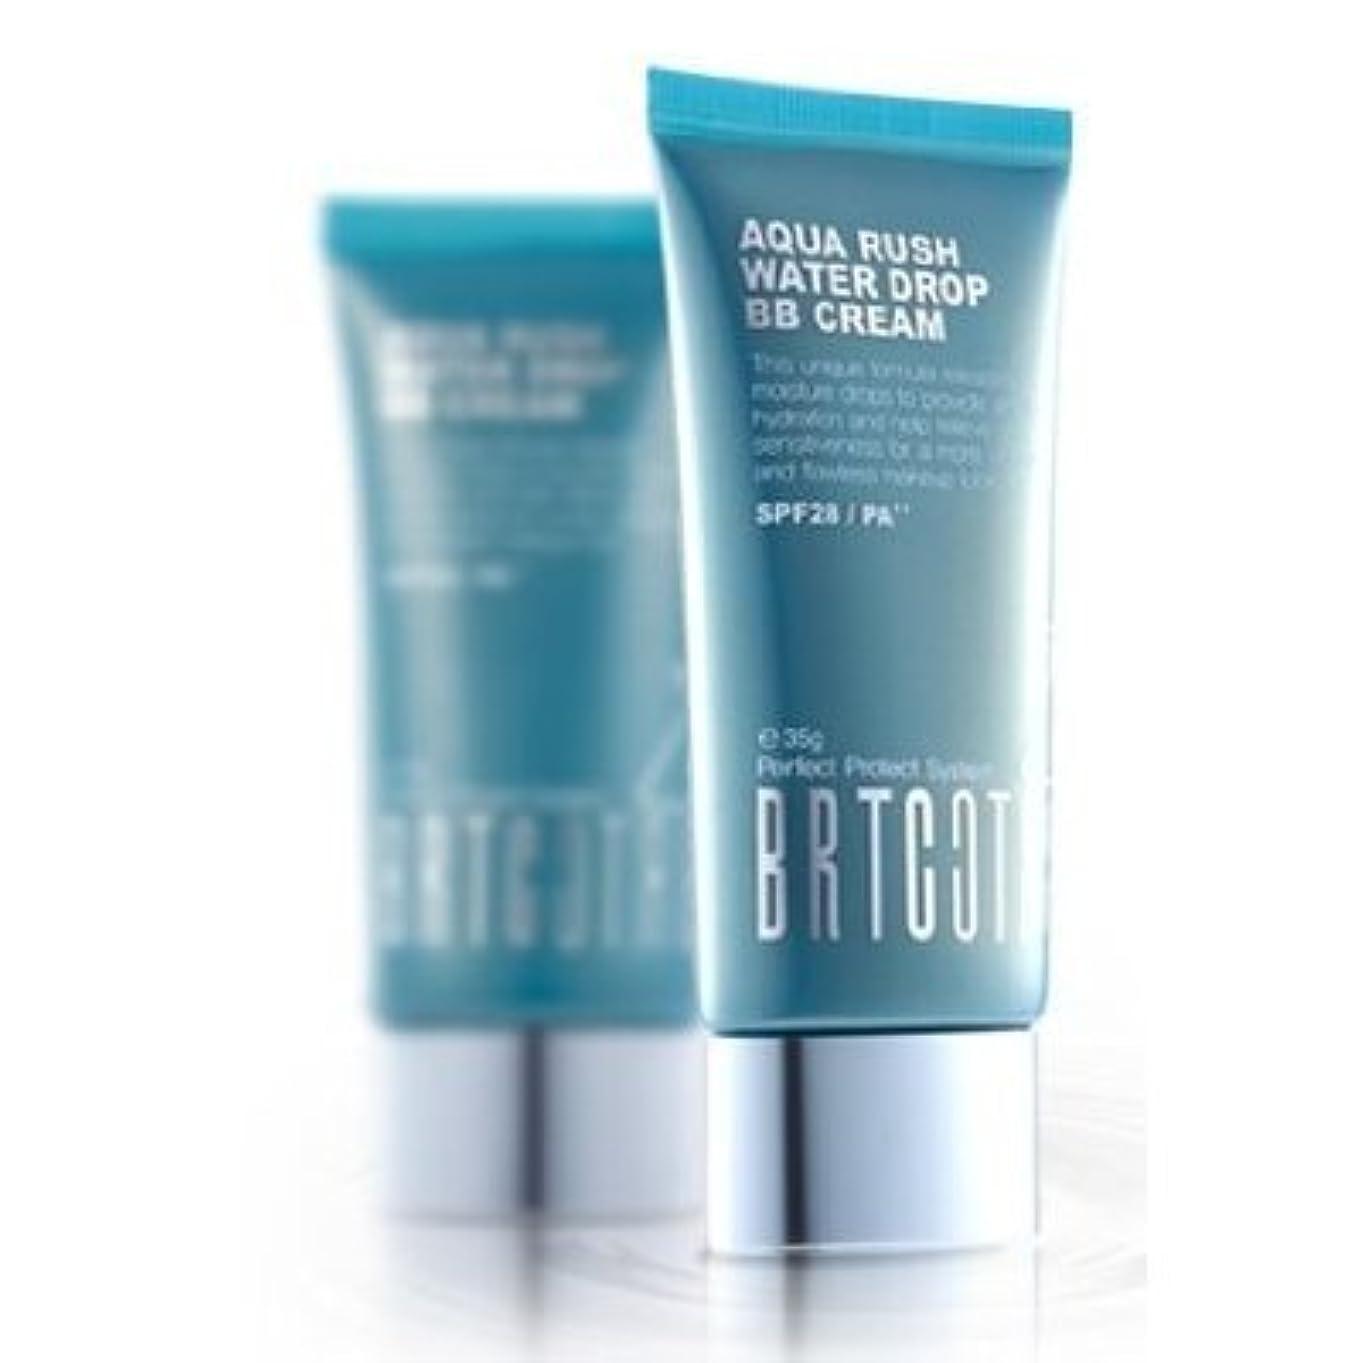 険しい腐った効能あるKOREAN COSMETICS, BRTC, Aqua Rush Water Drop BB Cream 60g (intensive moisturizing, skin tone correction, UV protection...